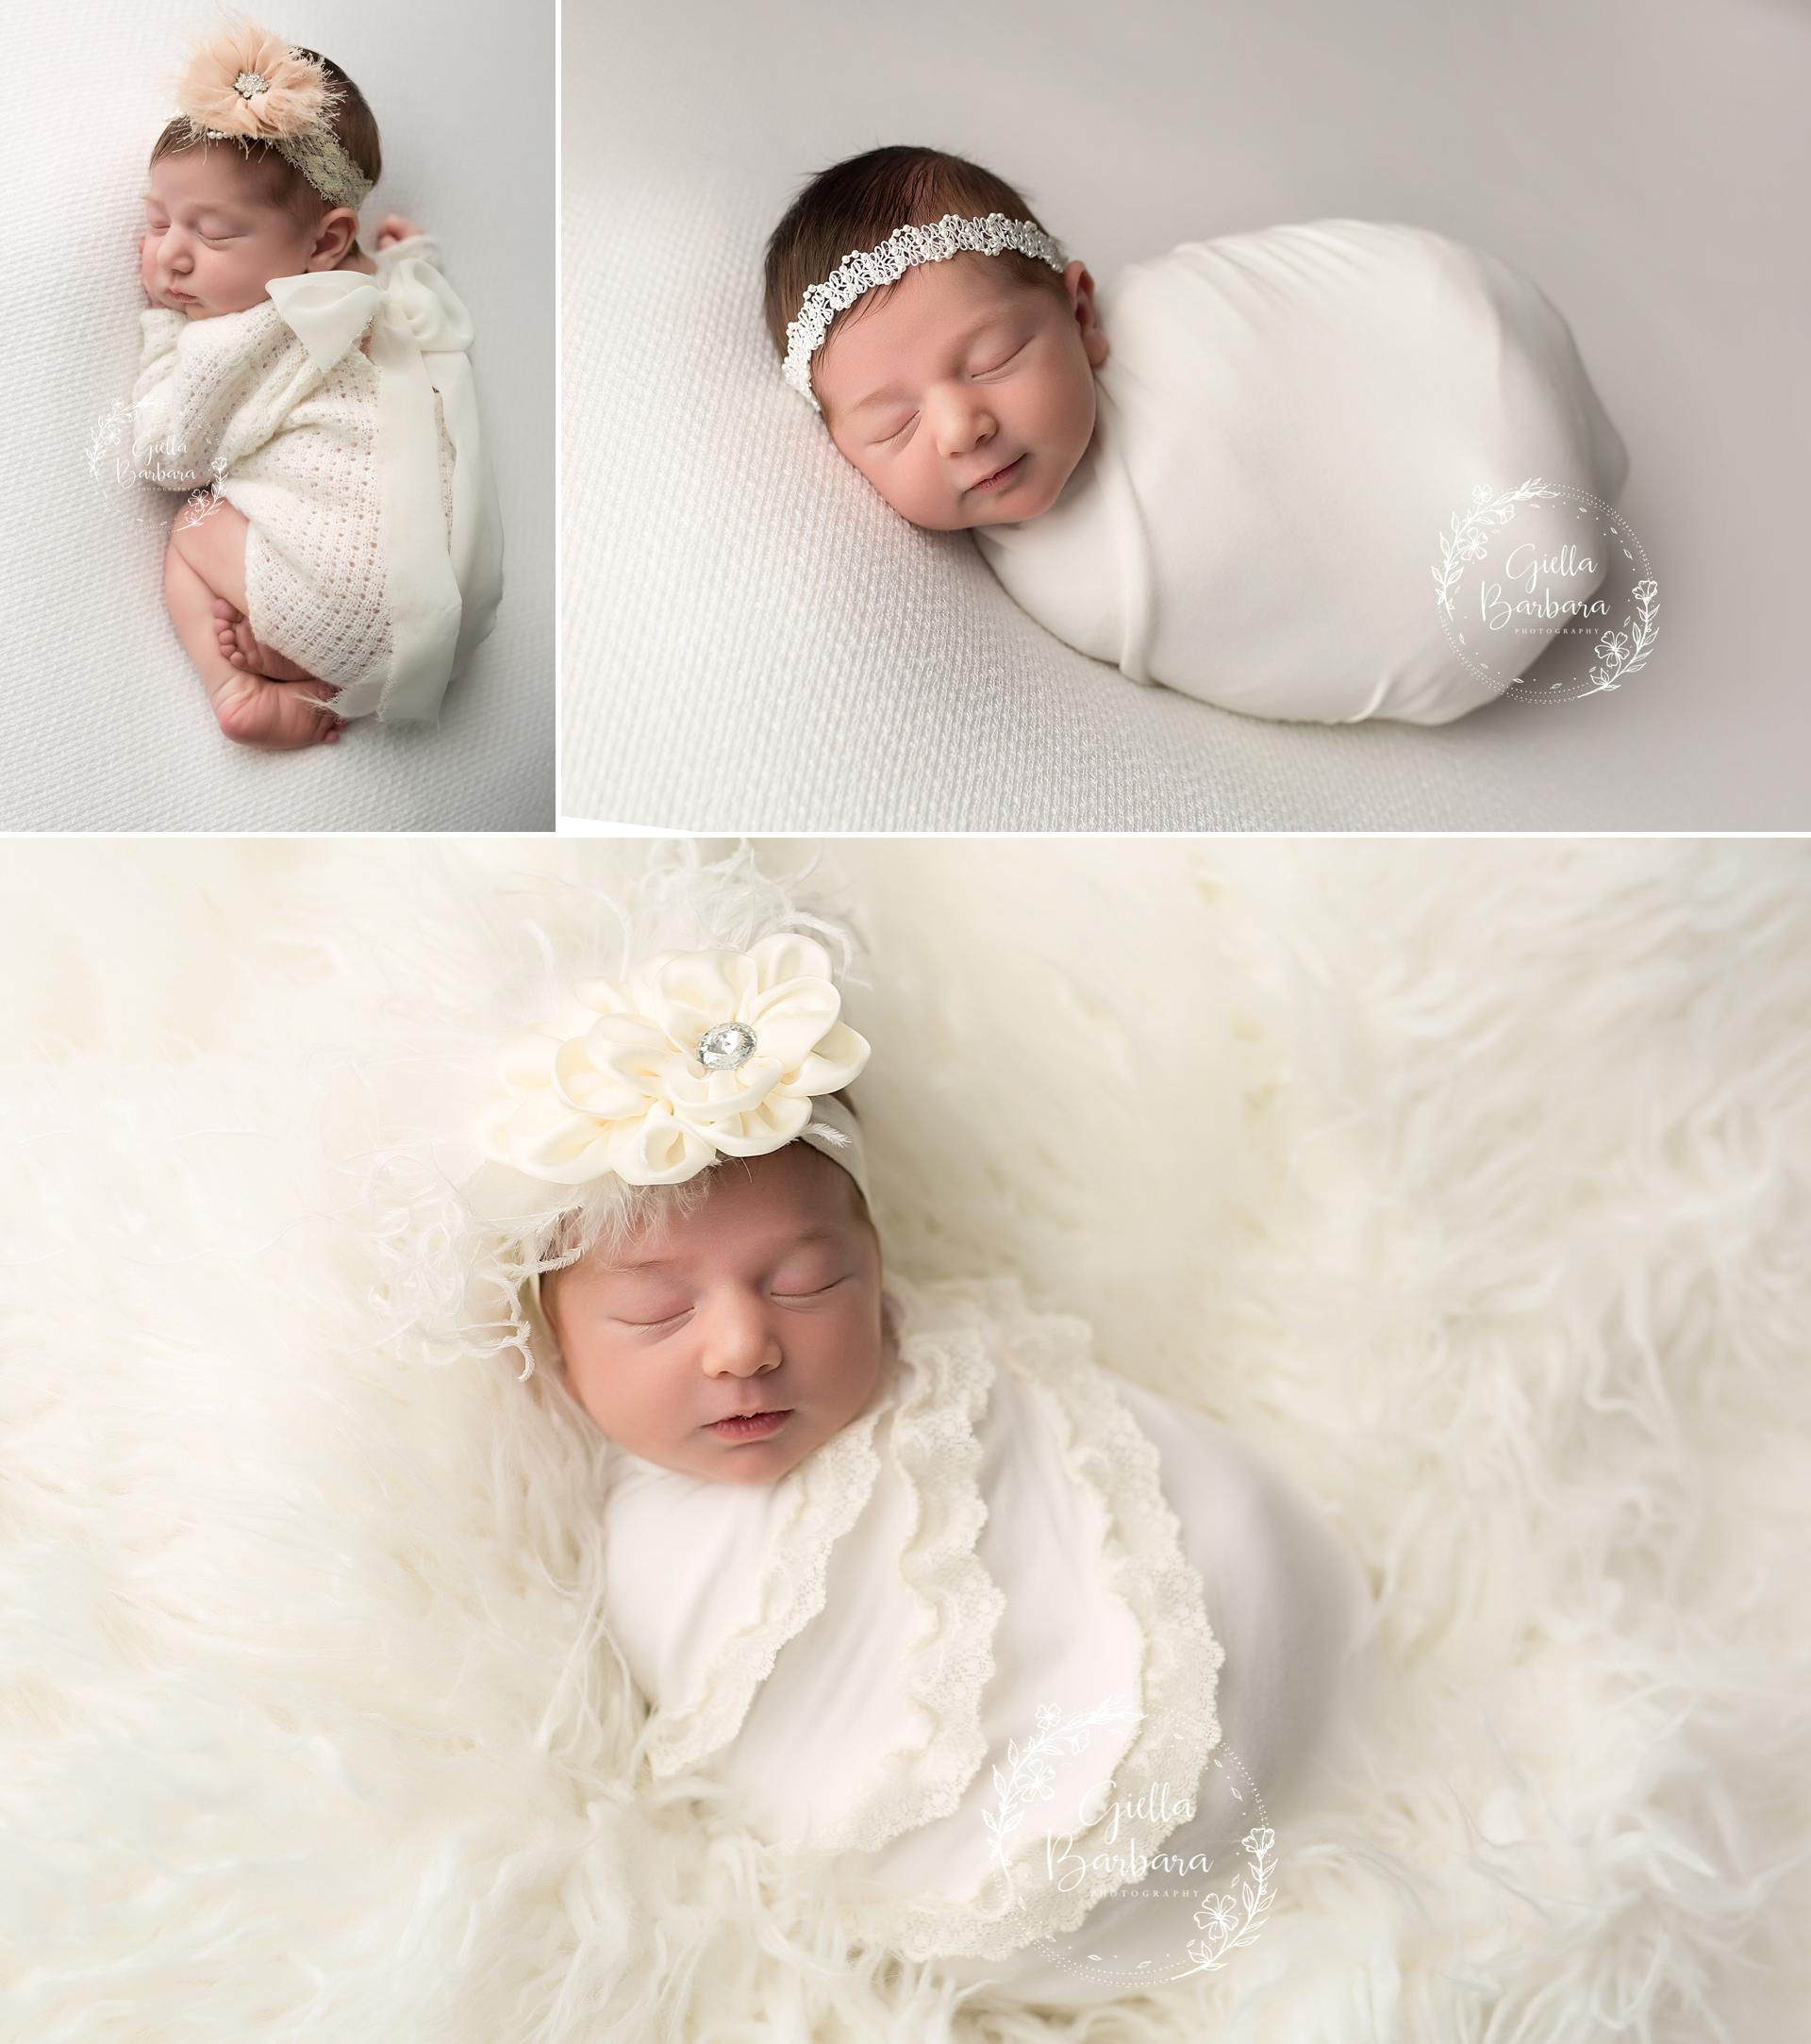 baby girl in white